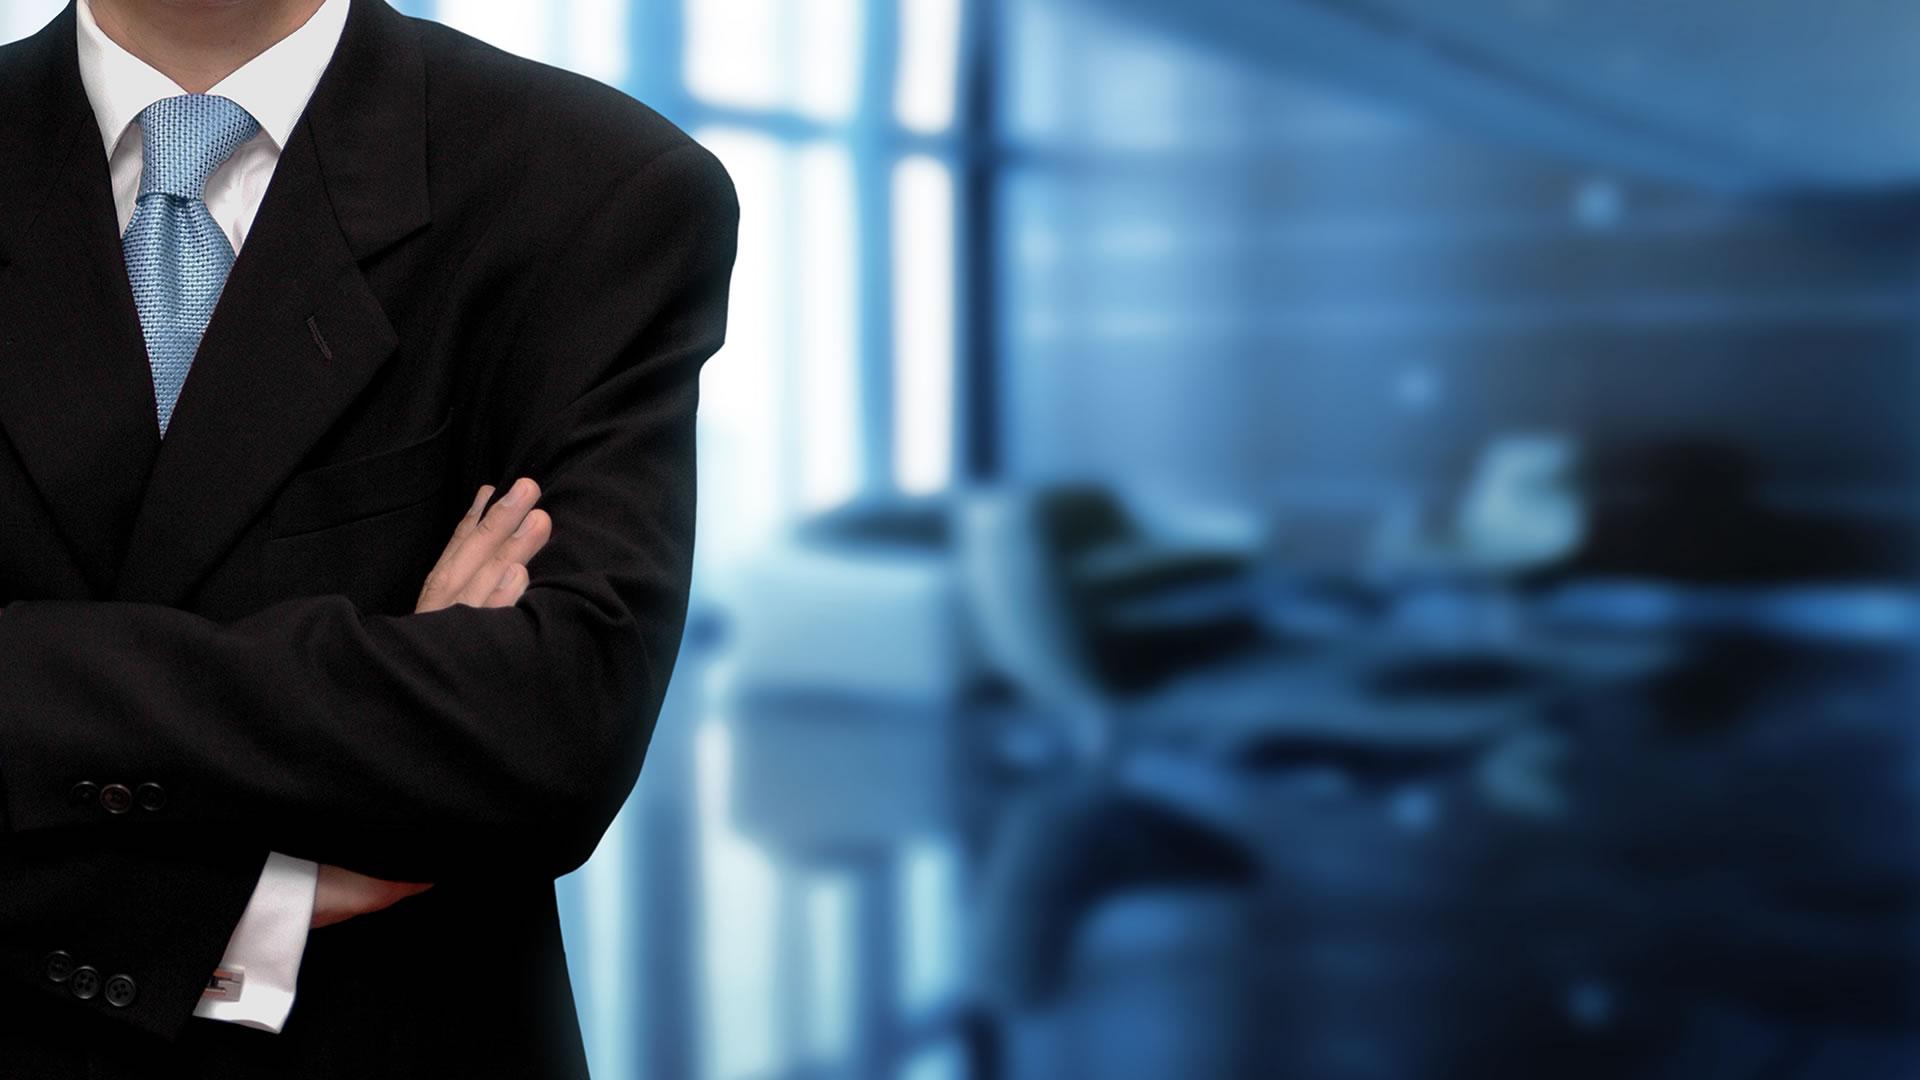 hm consulting 1 - Подготовка и отправка нулевой отчетности